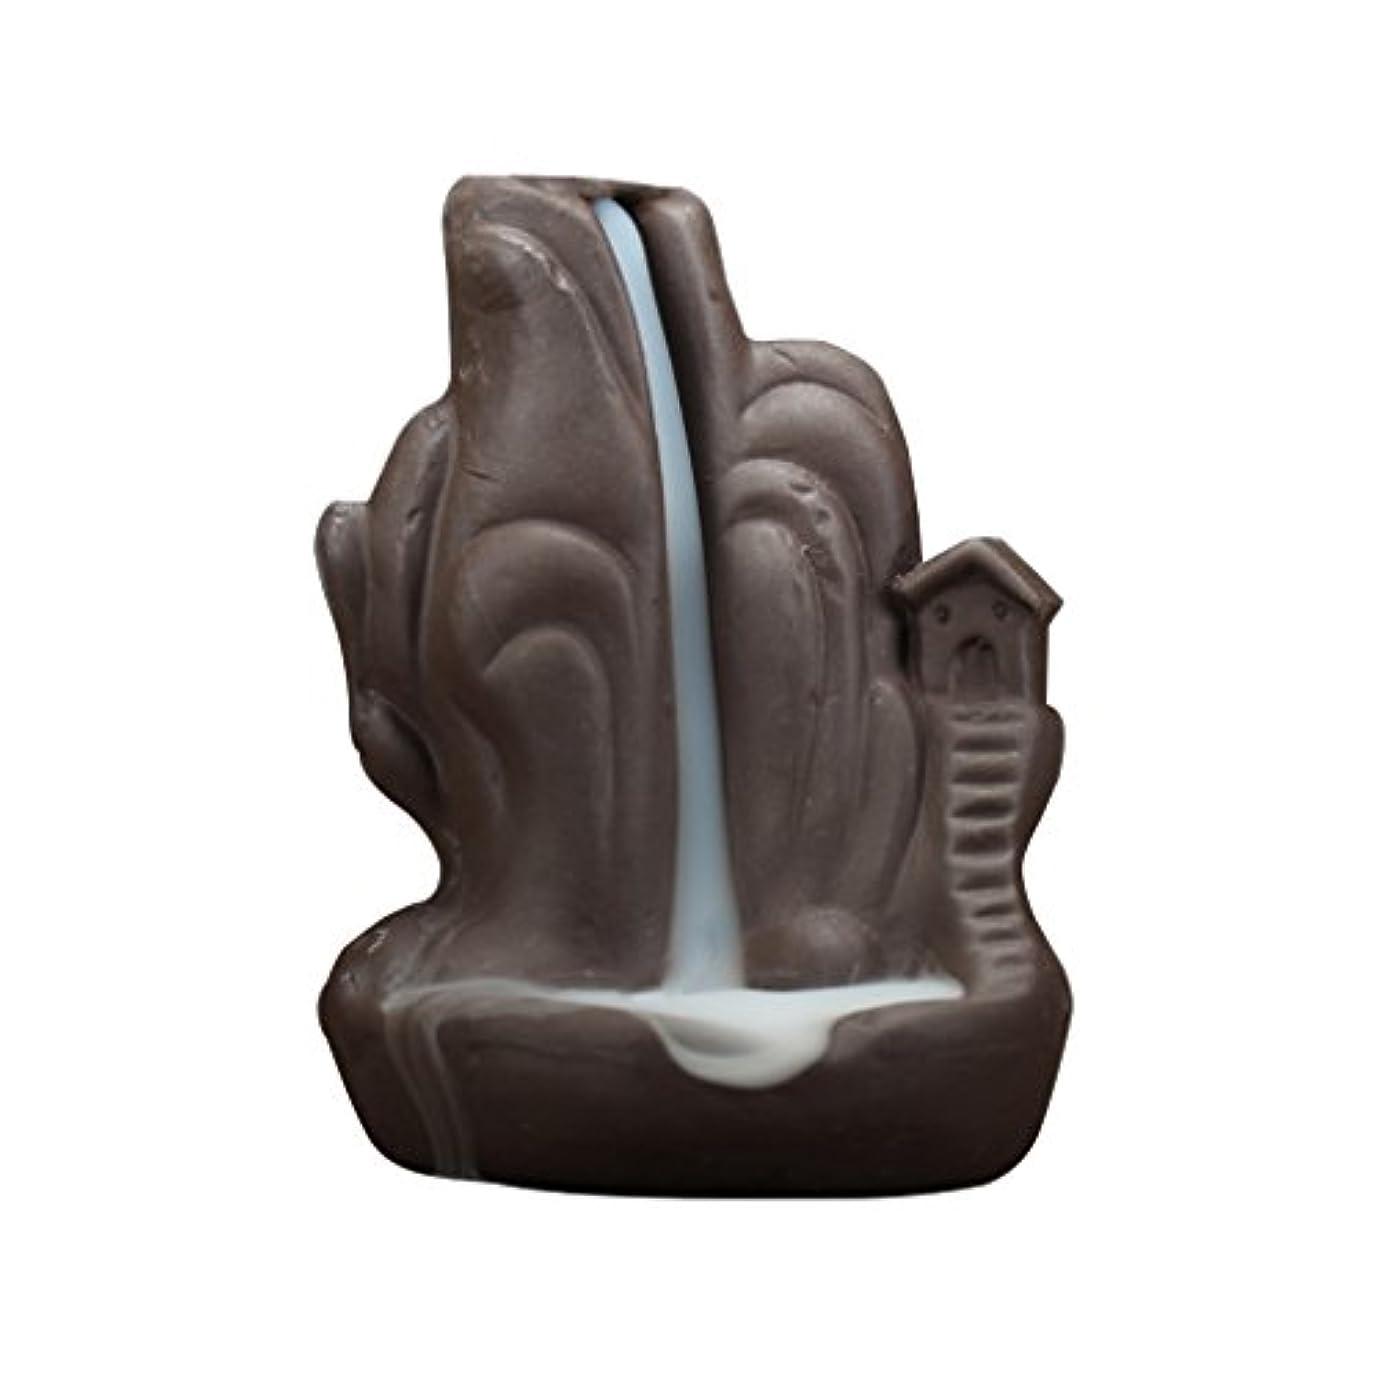 情熱的シティ竜巻セラミック 香炉 繊細 絶妙 デザイン 逆流香 香炉 コーンホルダー 古典的 装飾 全4種 - 褐色, 説明したように